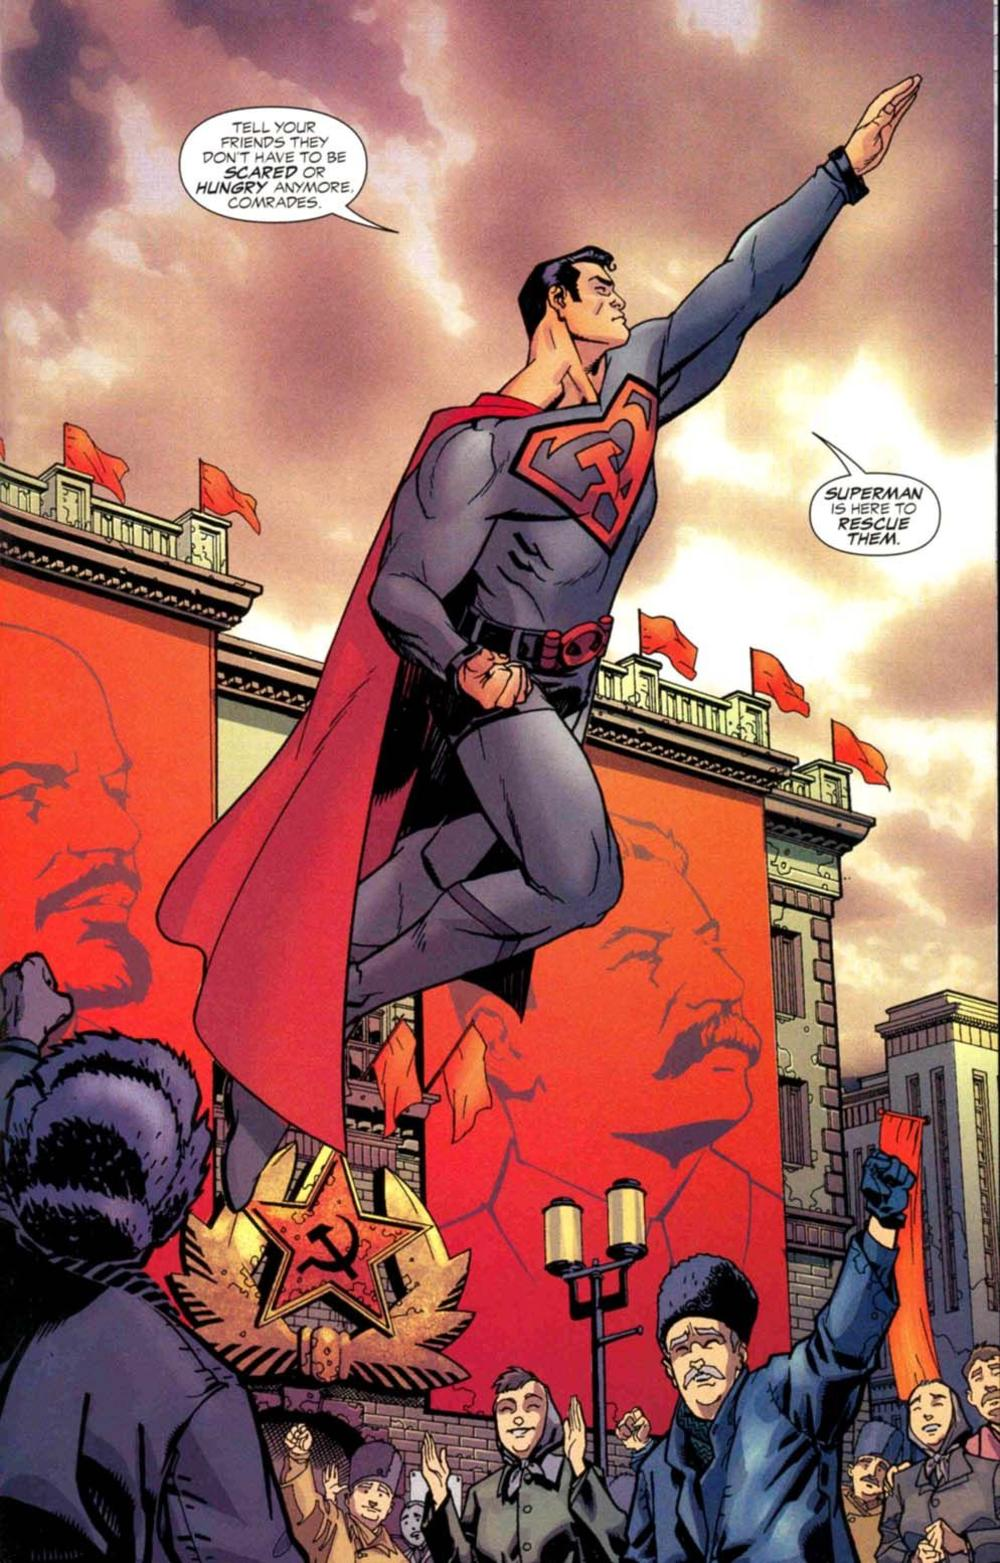 Rusija u stripu... Supermen među Sovjetima